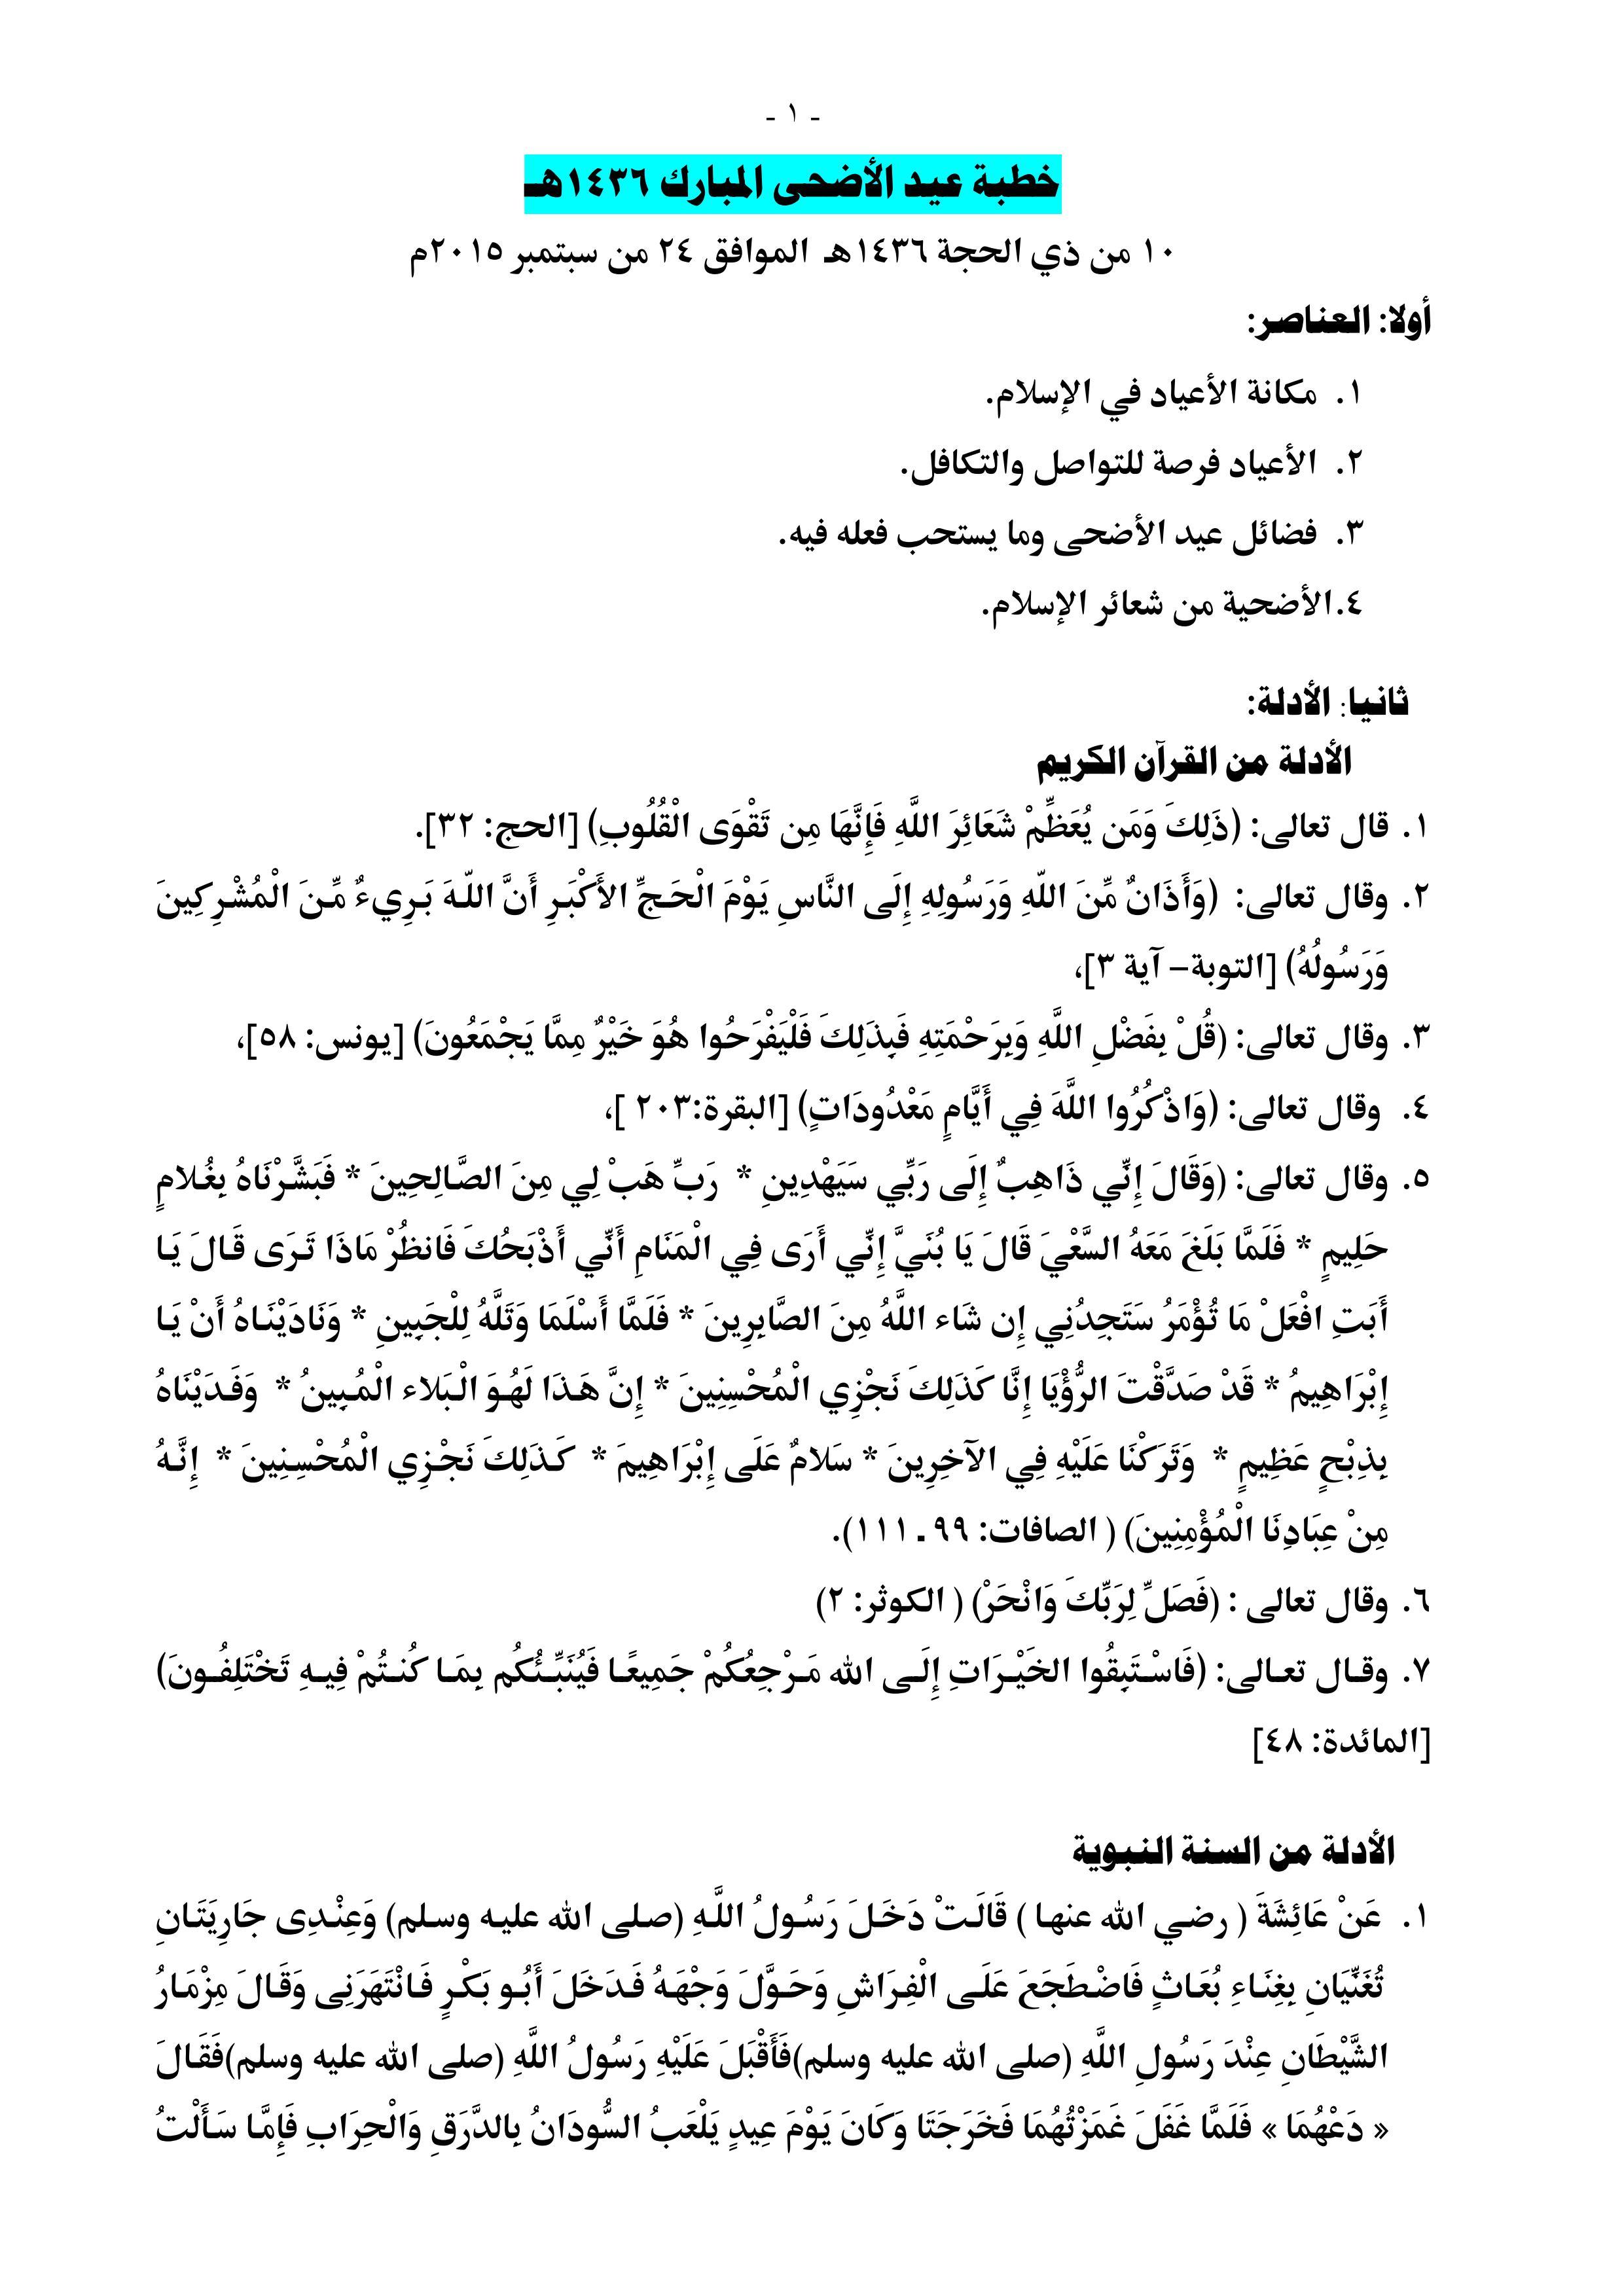 خطبة عيد الأضحى المبارك 10 من ذي الحجة 1436هـ 24 من سبتمبر 2015م